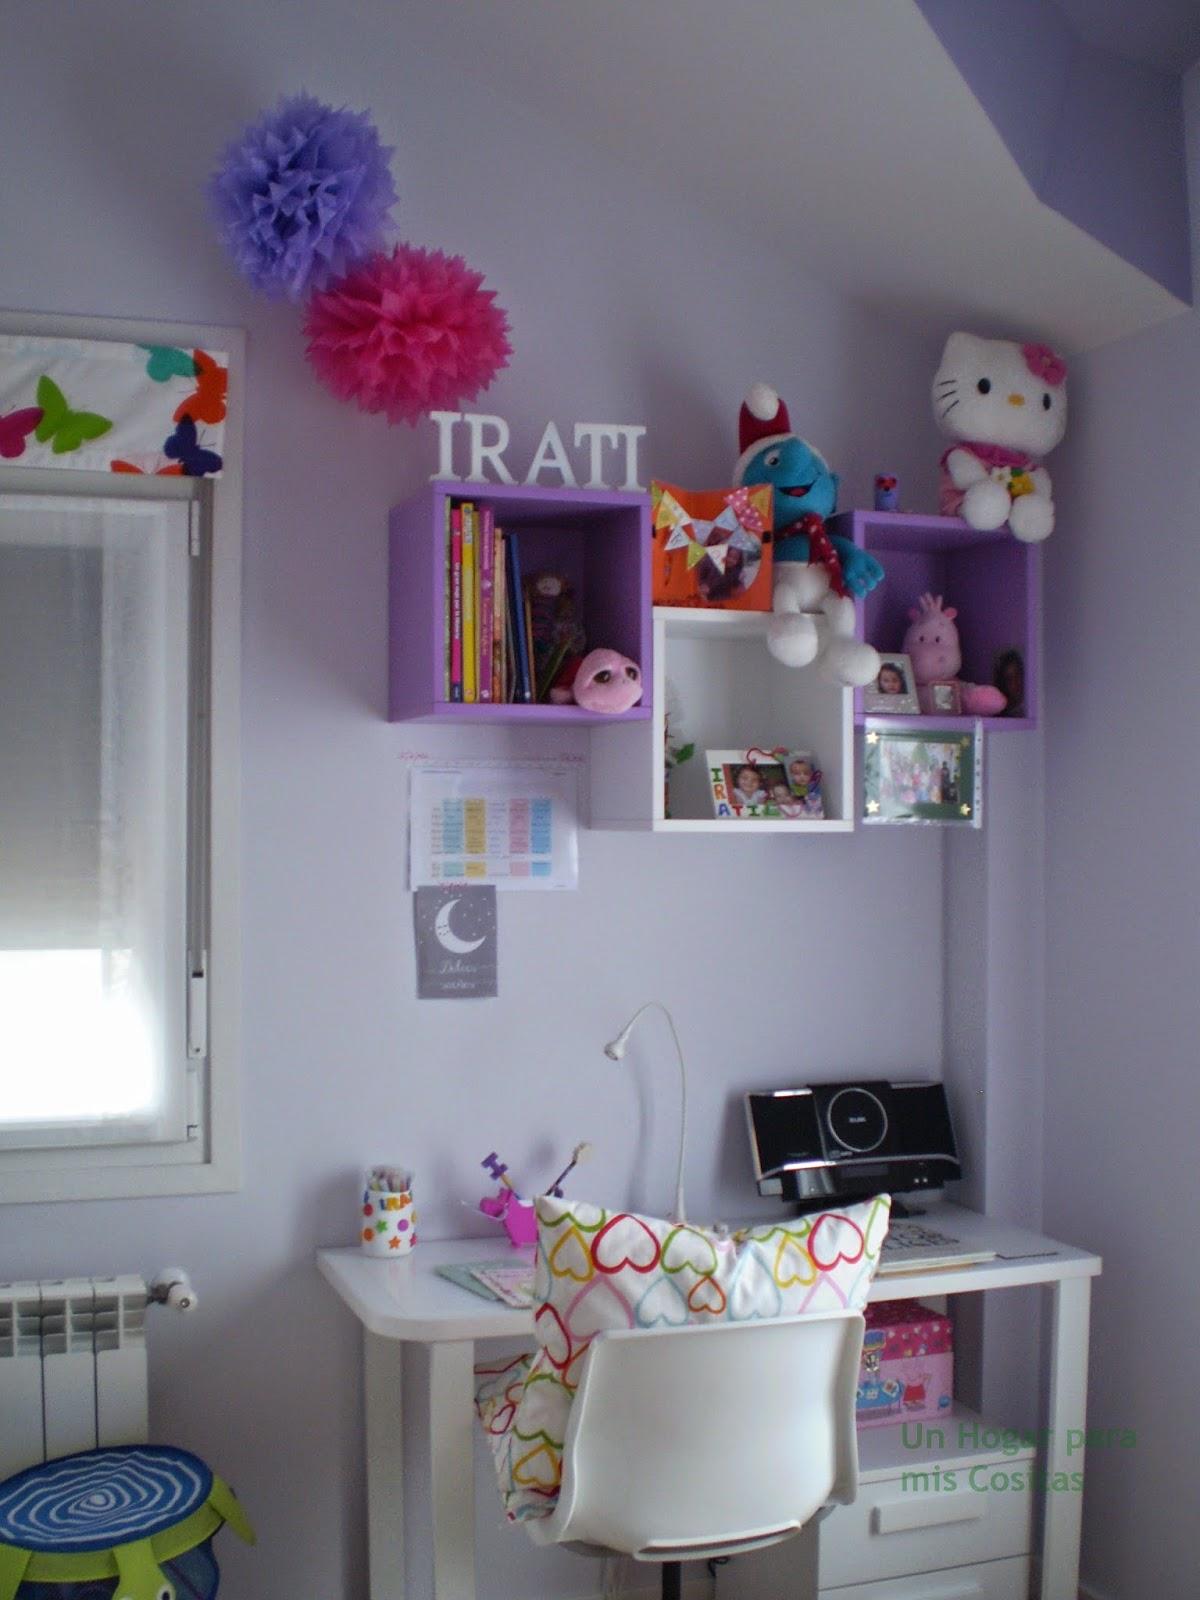 Un hogar para mis cositas zona de trabajo estudio infantil for Zona de estudio